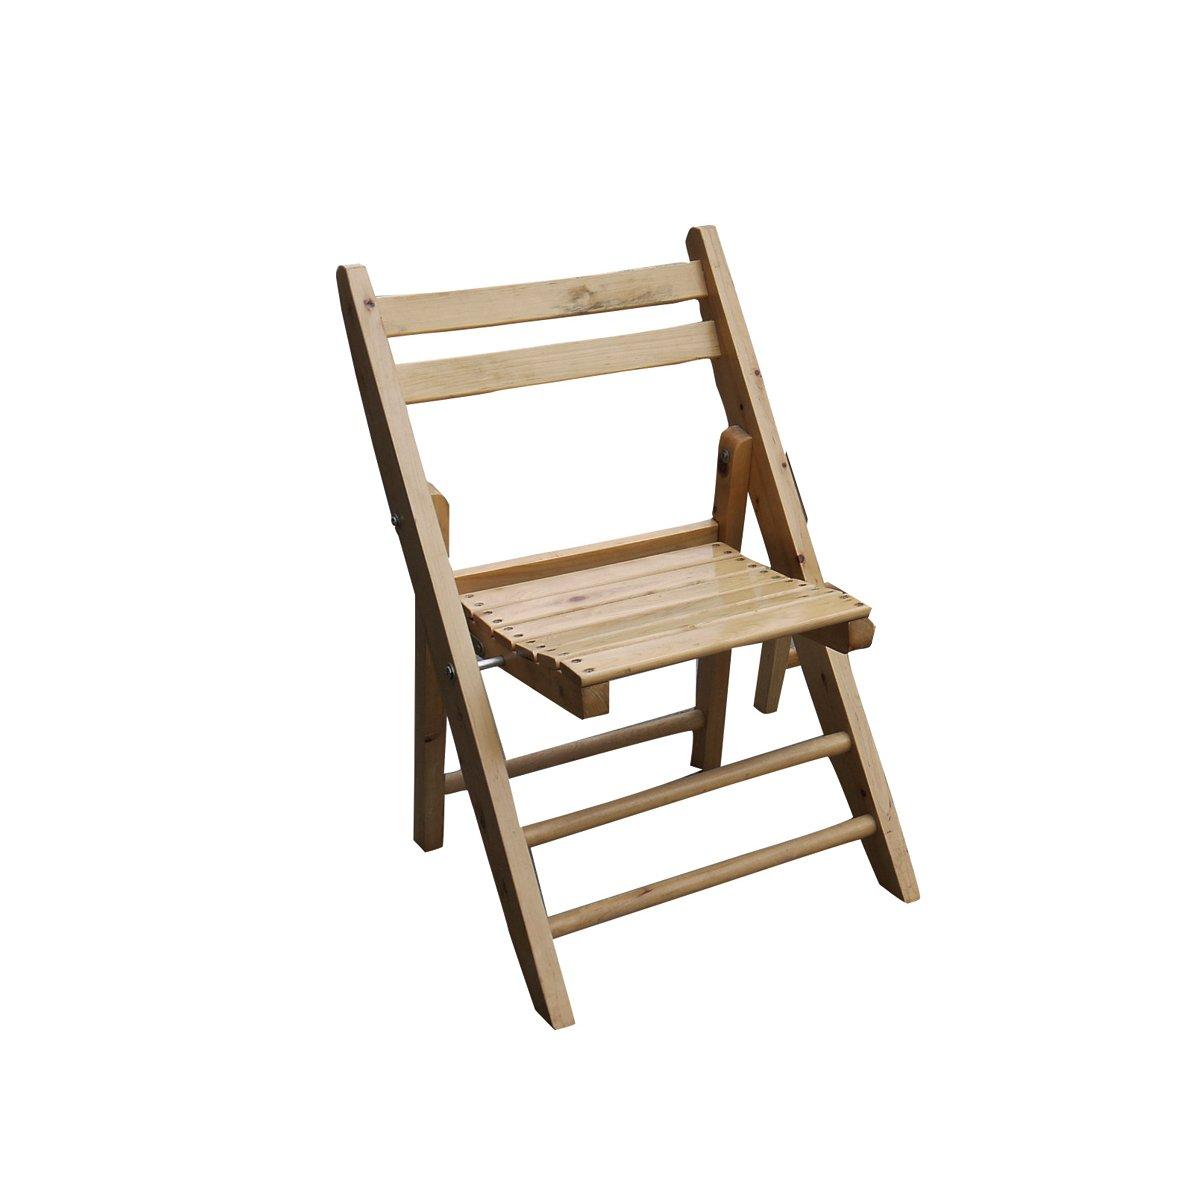 益琳柏木环保折叠椅实木休闲椅便携靠背椅餐椅